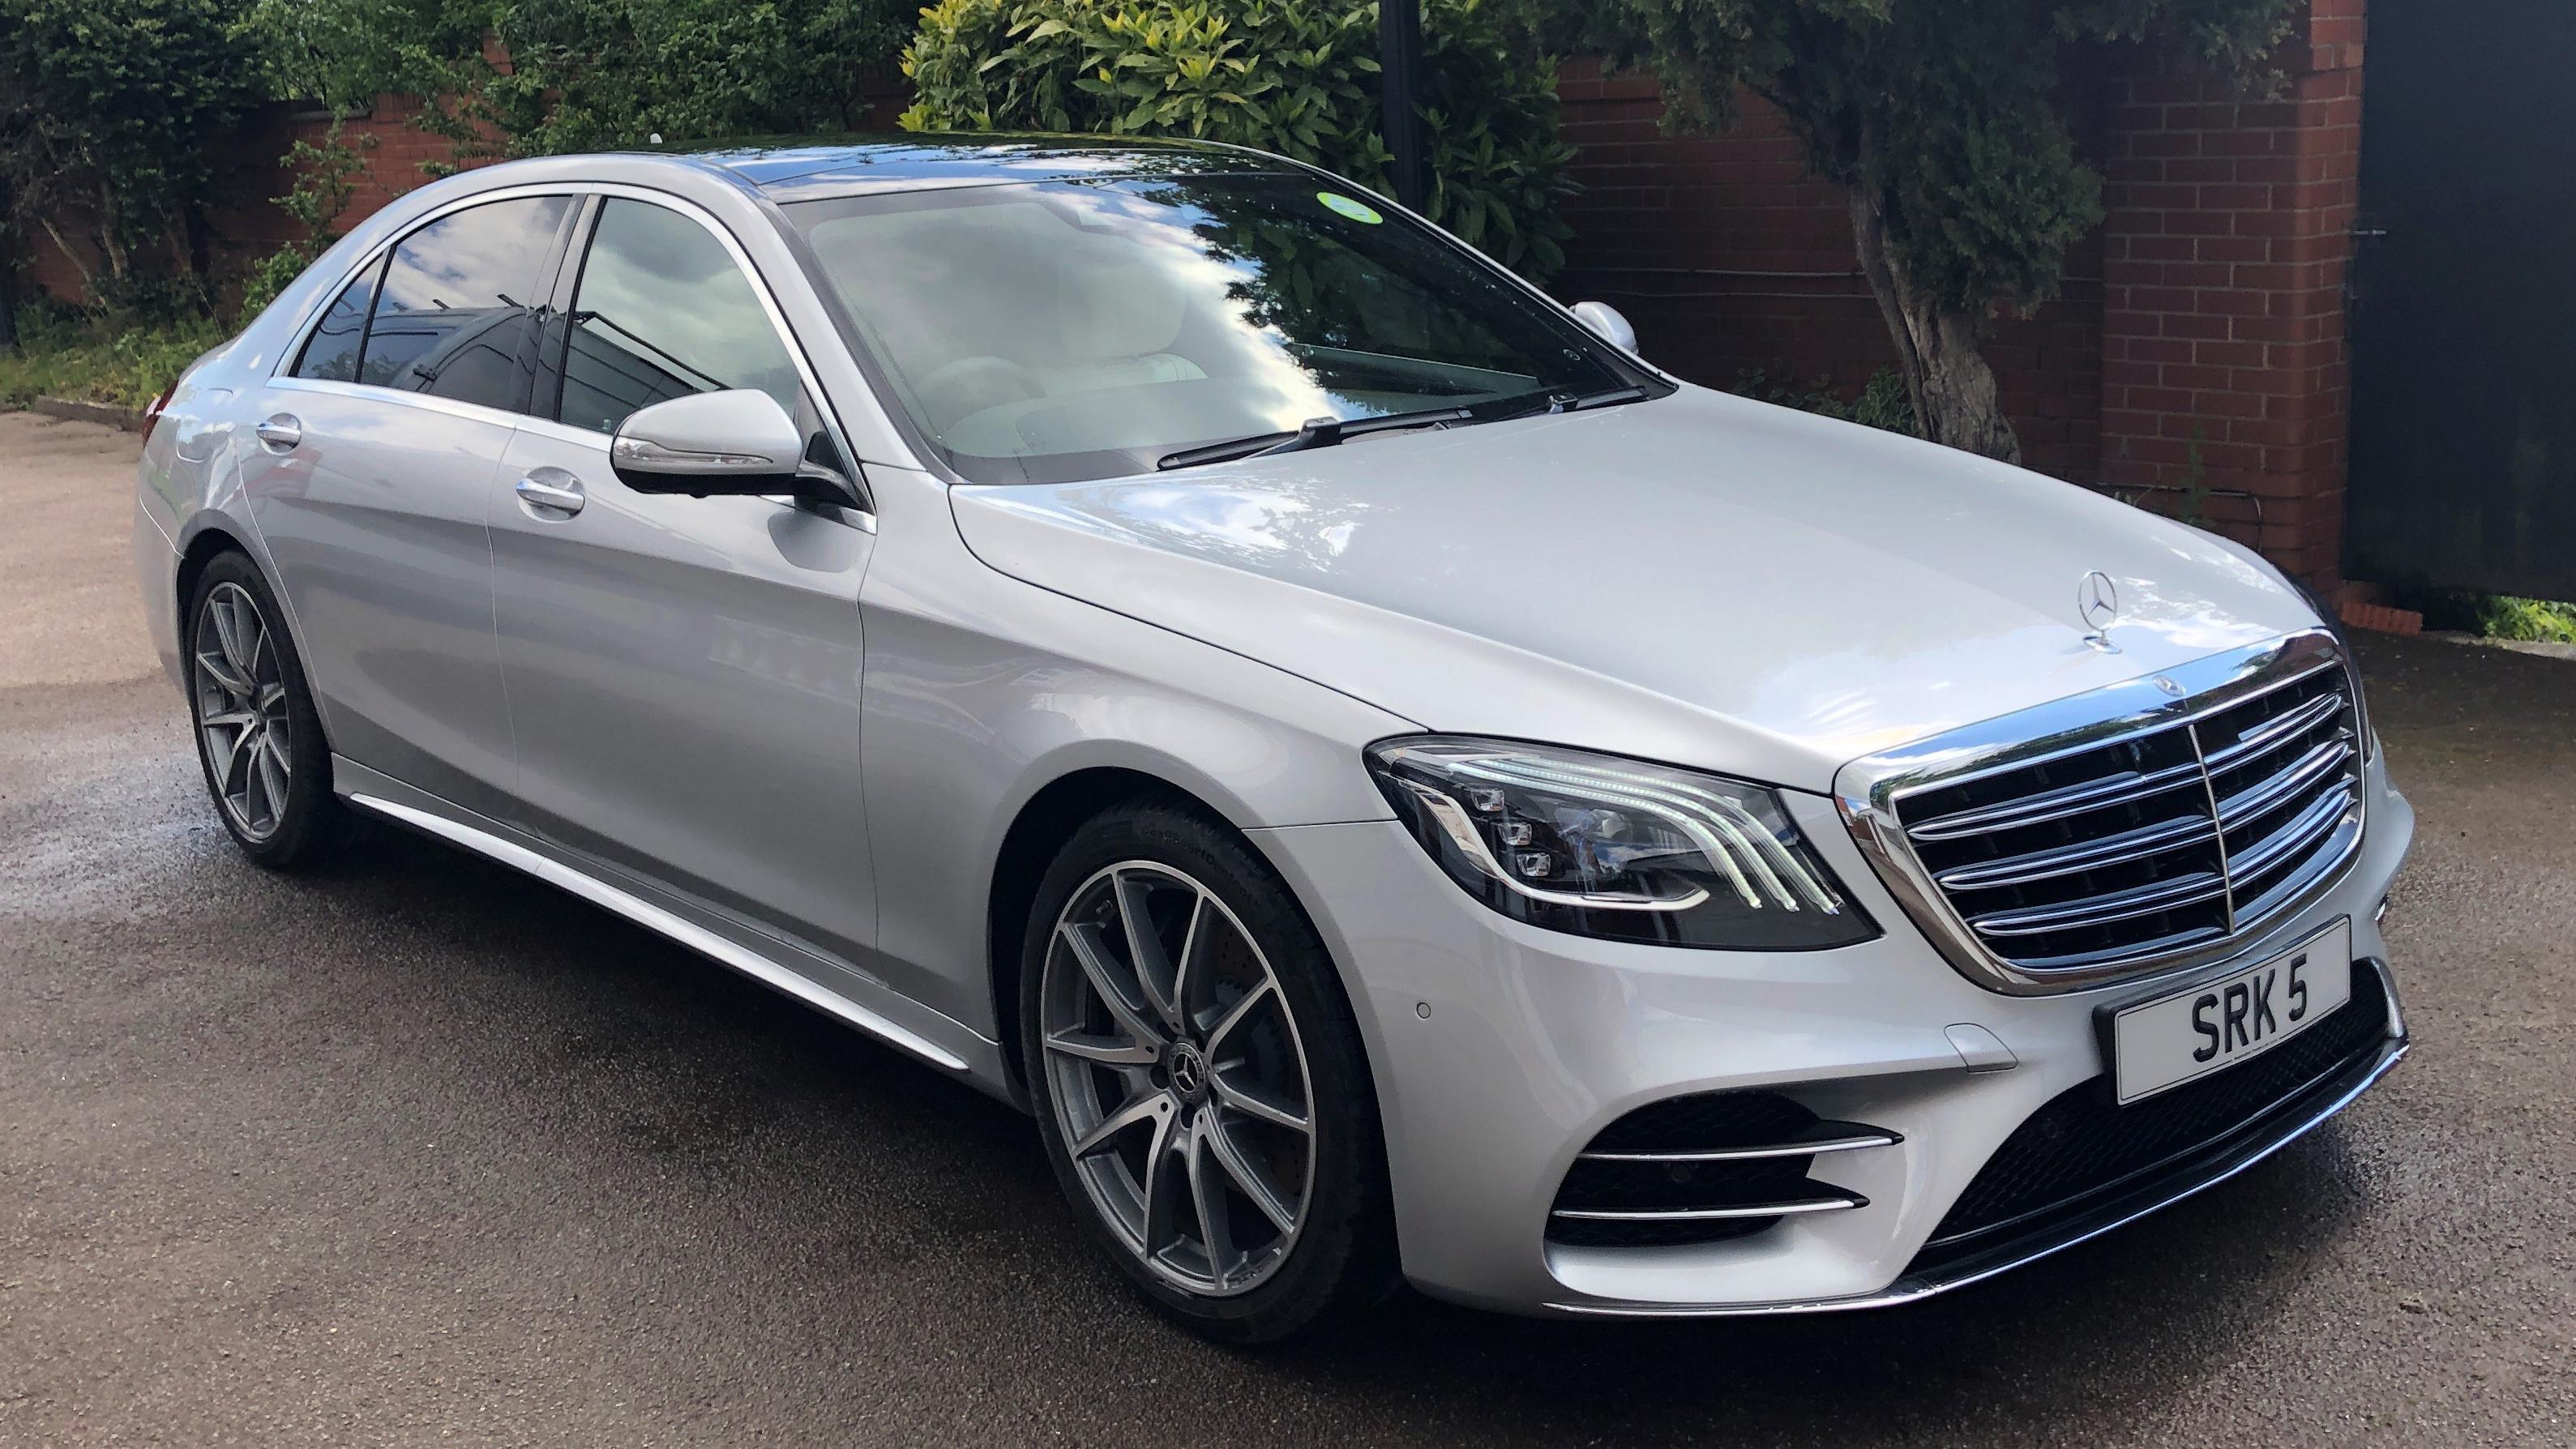 Mercedes 'S' Class AMG